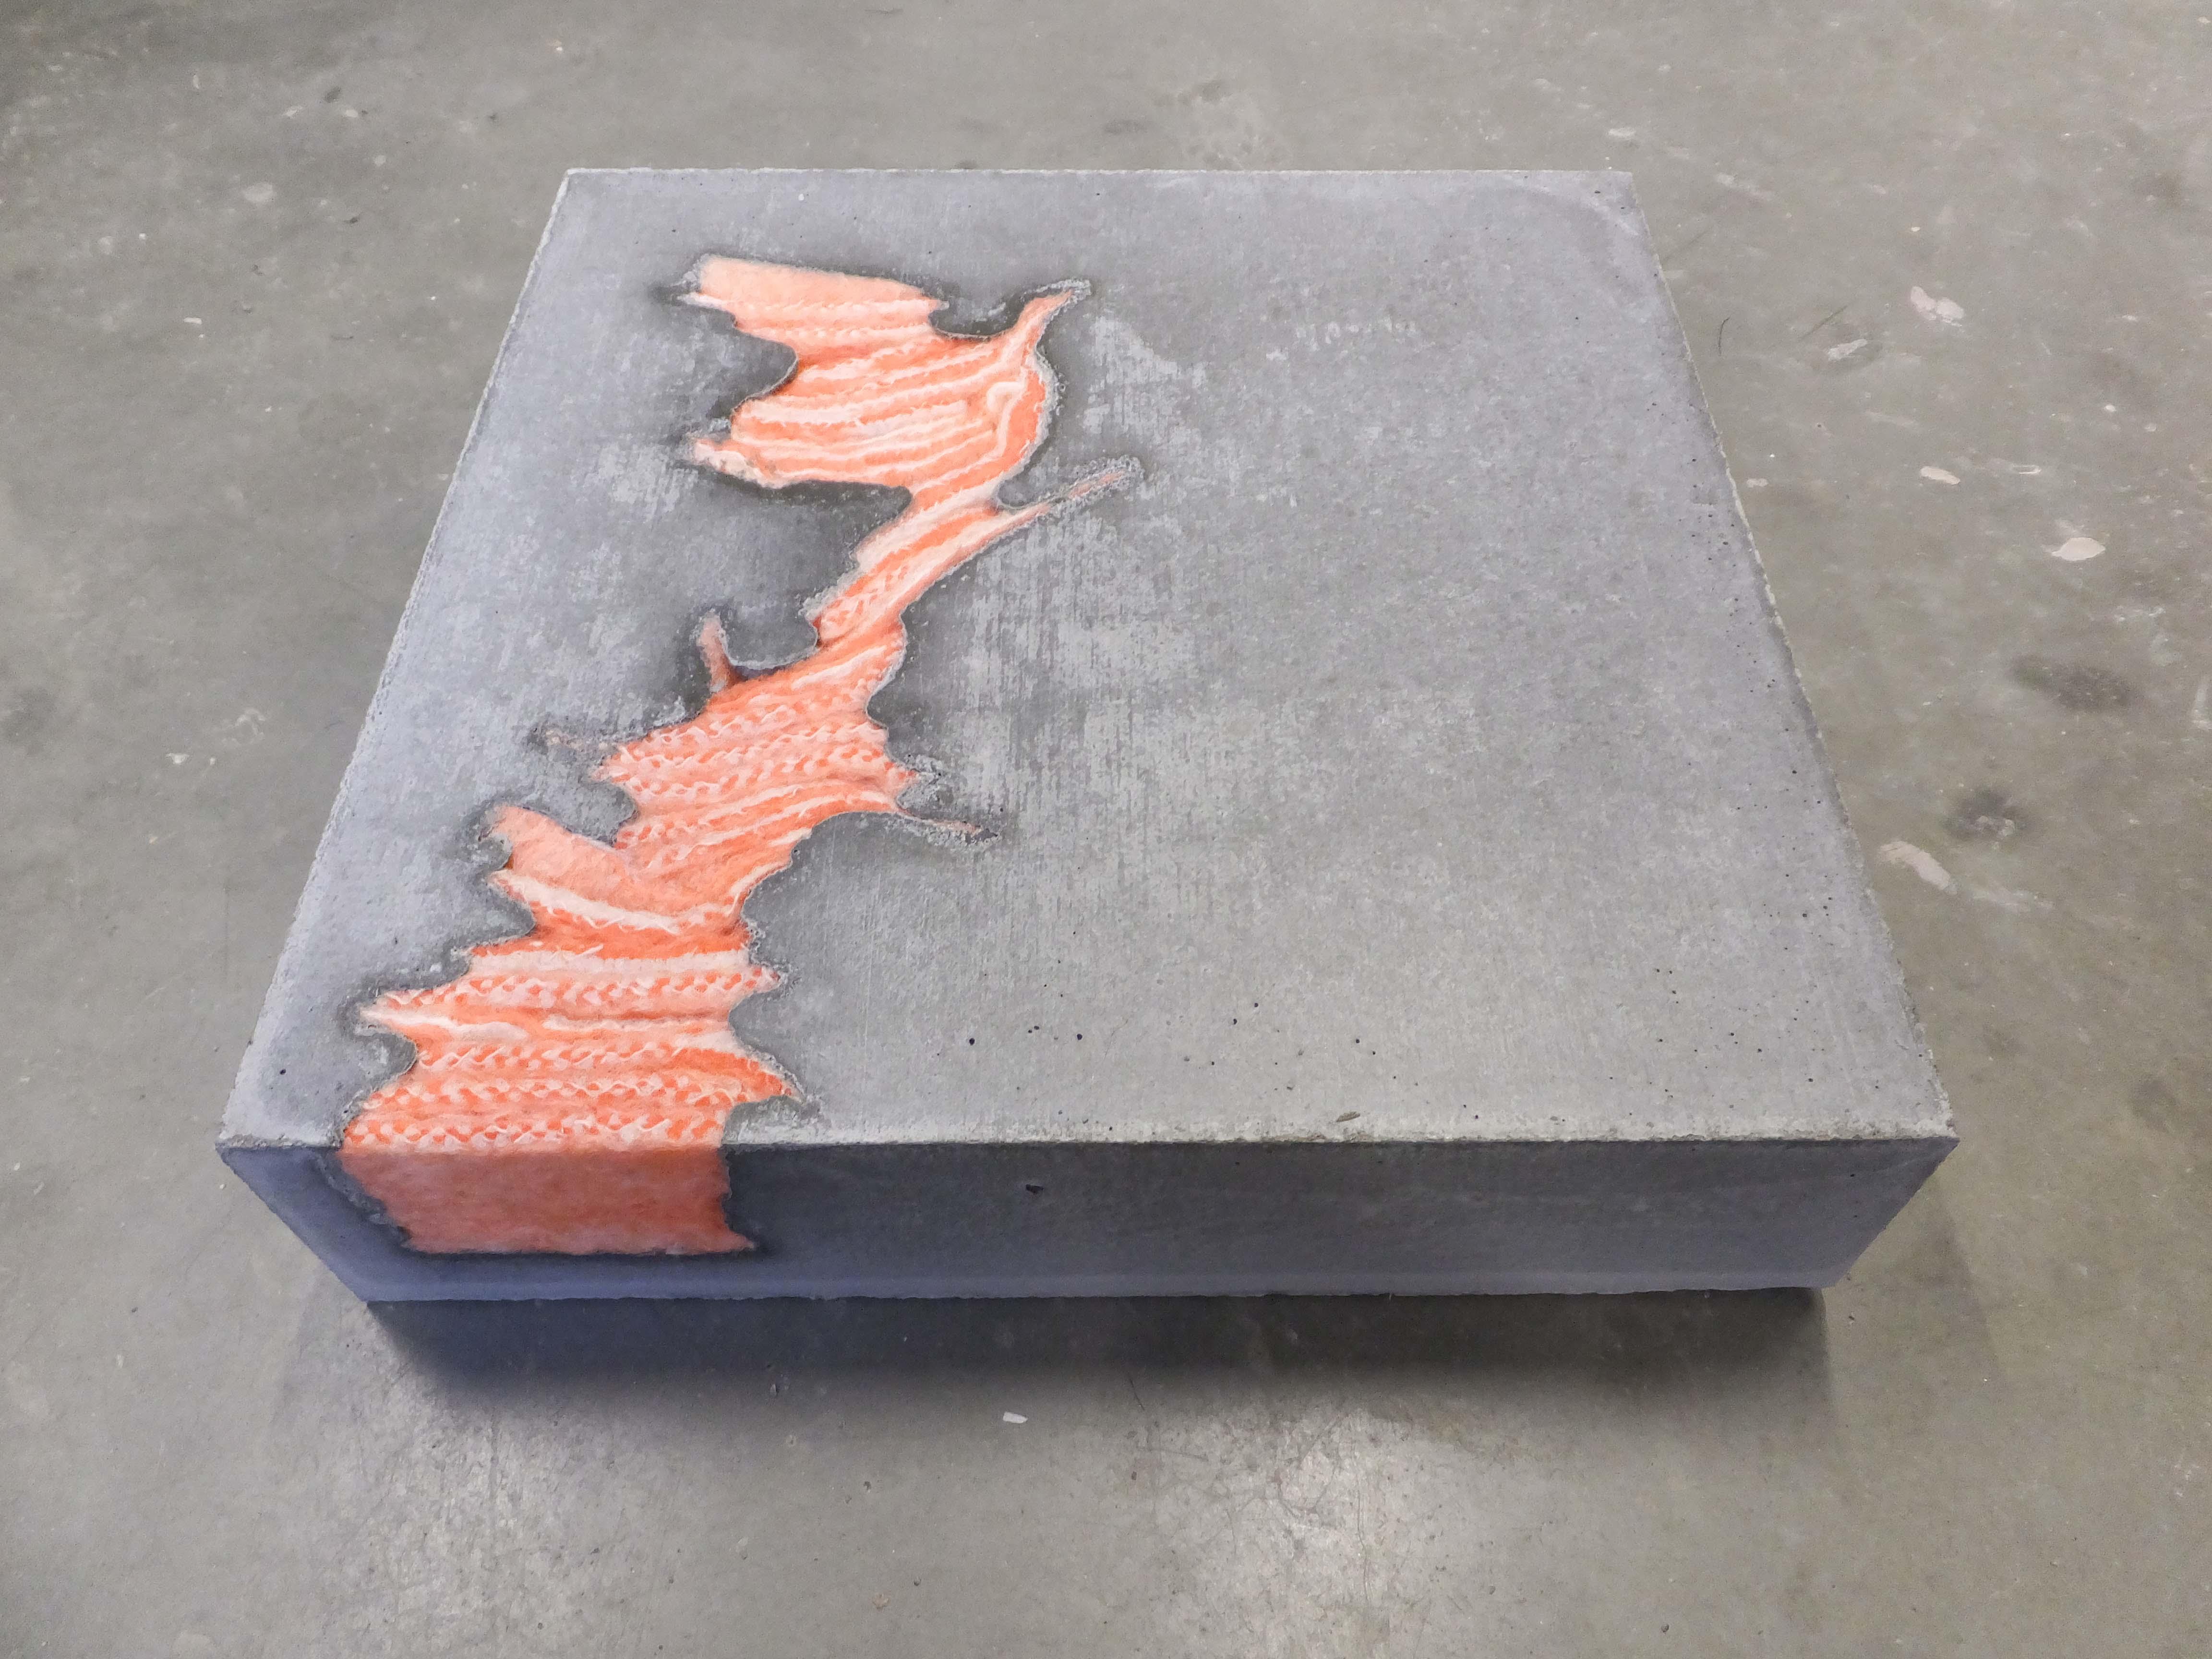 Vierkant karakter van cement met oranjekoraal en witte deken erin verwerkt. Textielkunst: Stil leven door Jeanne de Bie, inspiratie Wabi Sabi.